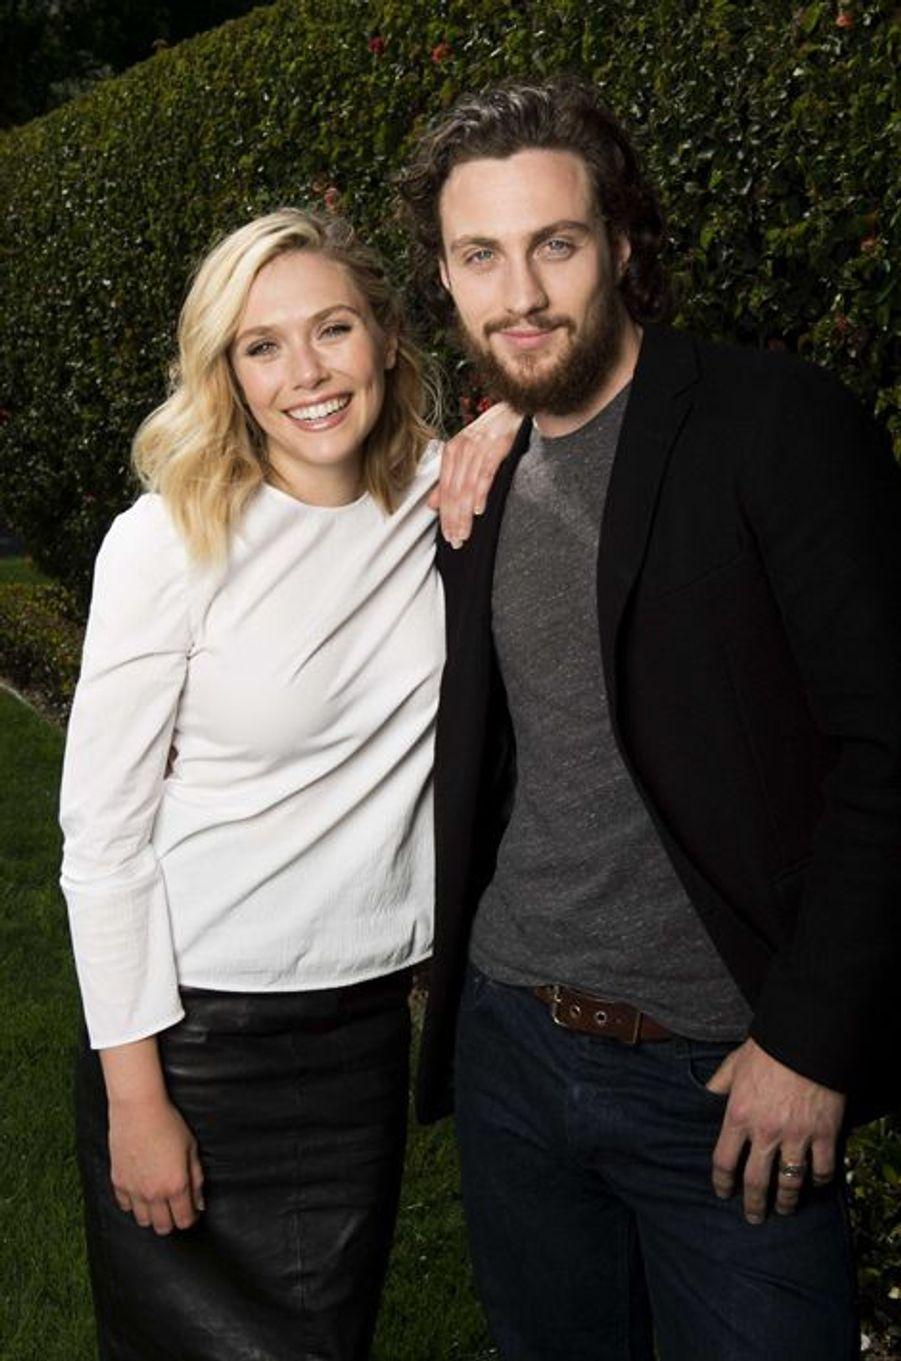 La petite sœur des jumelles Olsen et l'époux de la réalisatrice Sam Taylor-Johnson se sont décidément bien trouvés. Devenus très proches, l'actrice de 26 ans et le comédien de 24 ans ont travaillé ensemble dans «Godzilla» (2014) et sont aujourd'hui à l'affiche de «Avengers : l'Ère d'Ultron», dans lequel ils interprètent les jumeaux Maximoff.